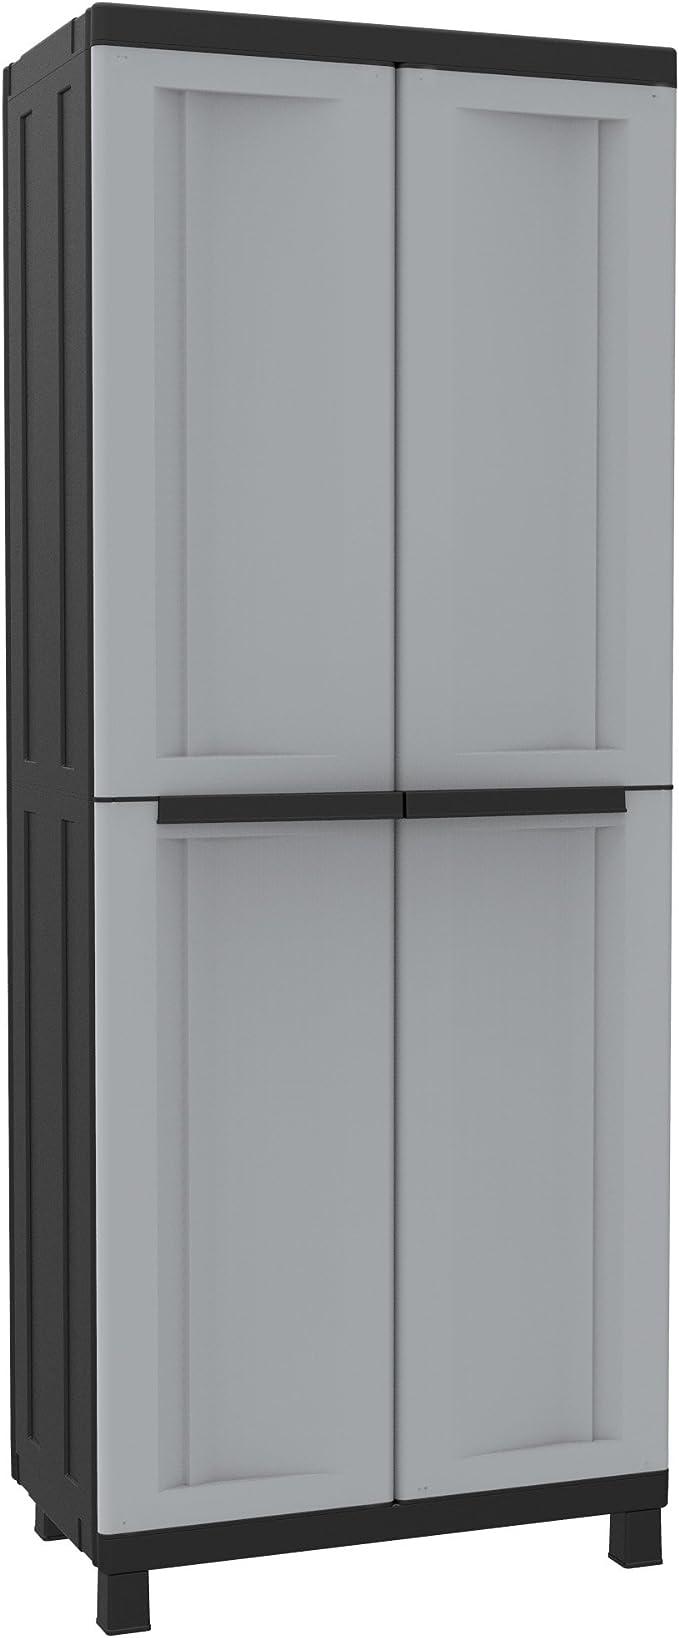 Terry Twist Black 680 Armario 2 Puertas con 1 Interno. Capacidad ...